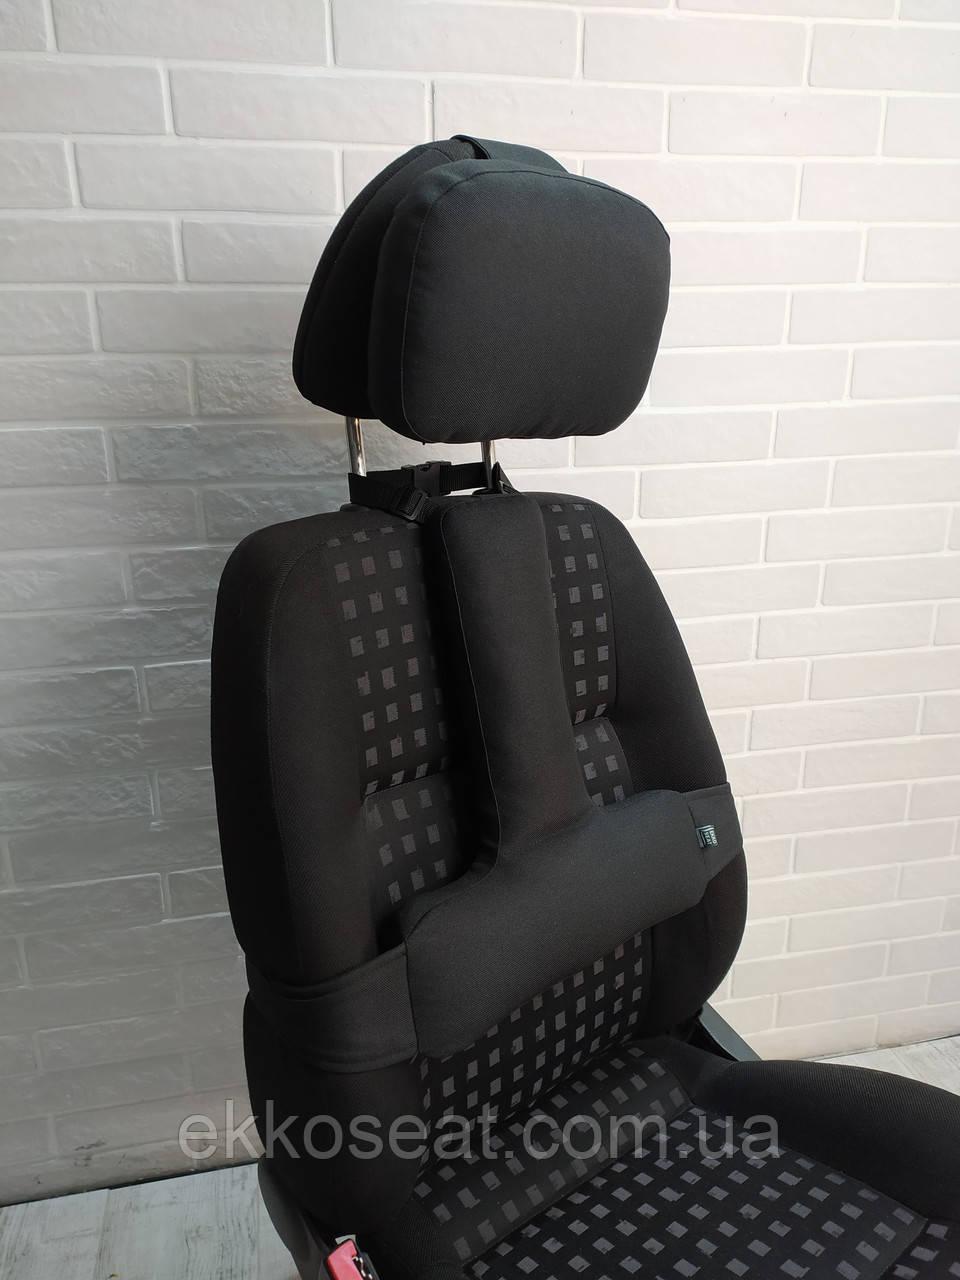 Ортопедические подушка упор под спину и на подголовник (набор) EKKOSEAT для автомобиля